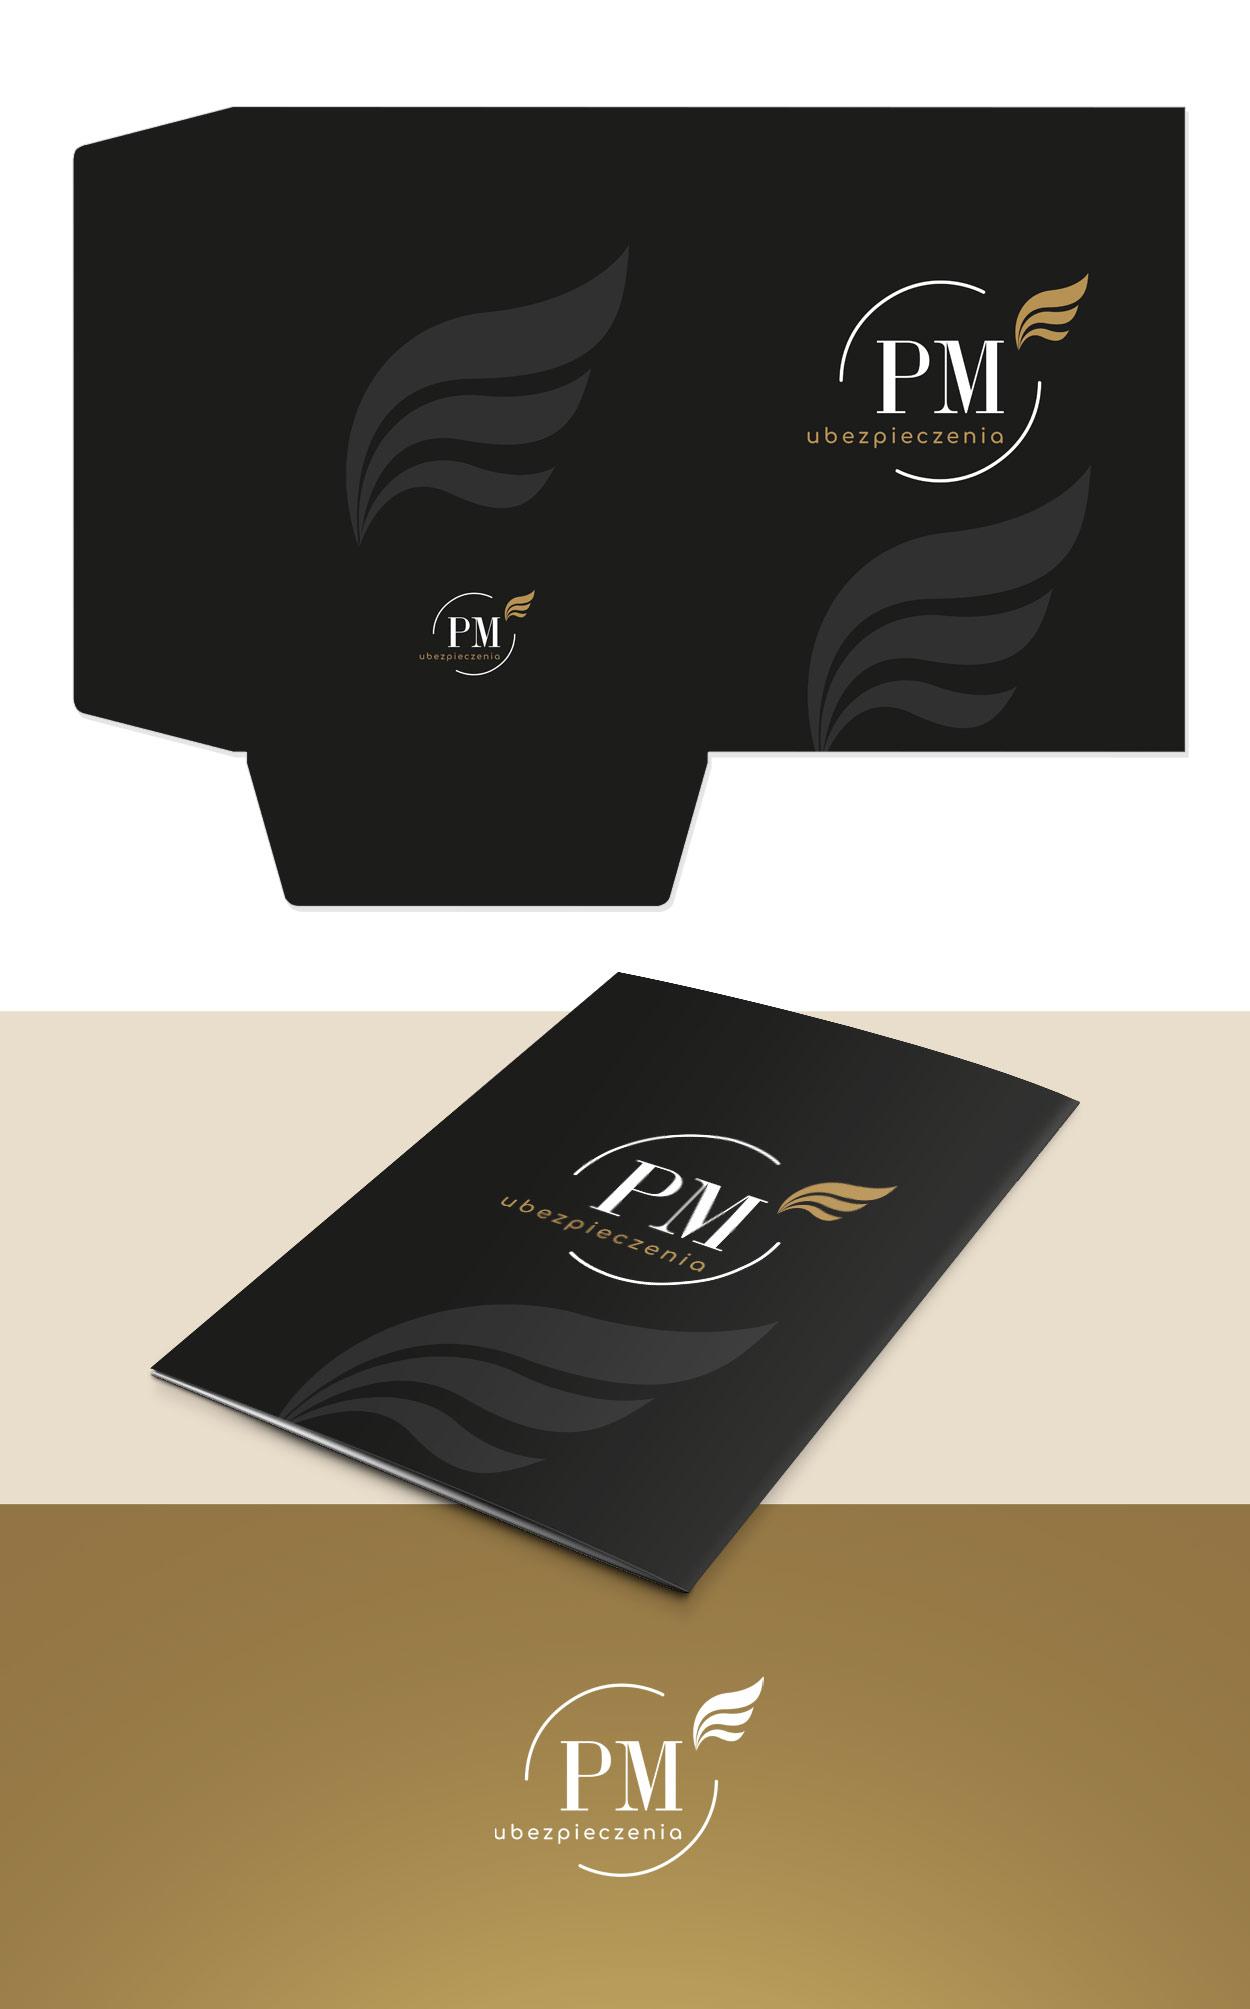 teczka-firmowa-projekt-pm-ubezpieczenia-2